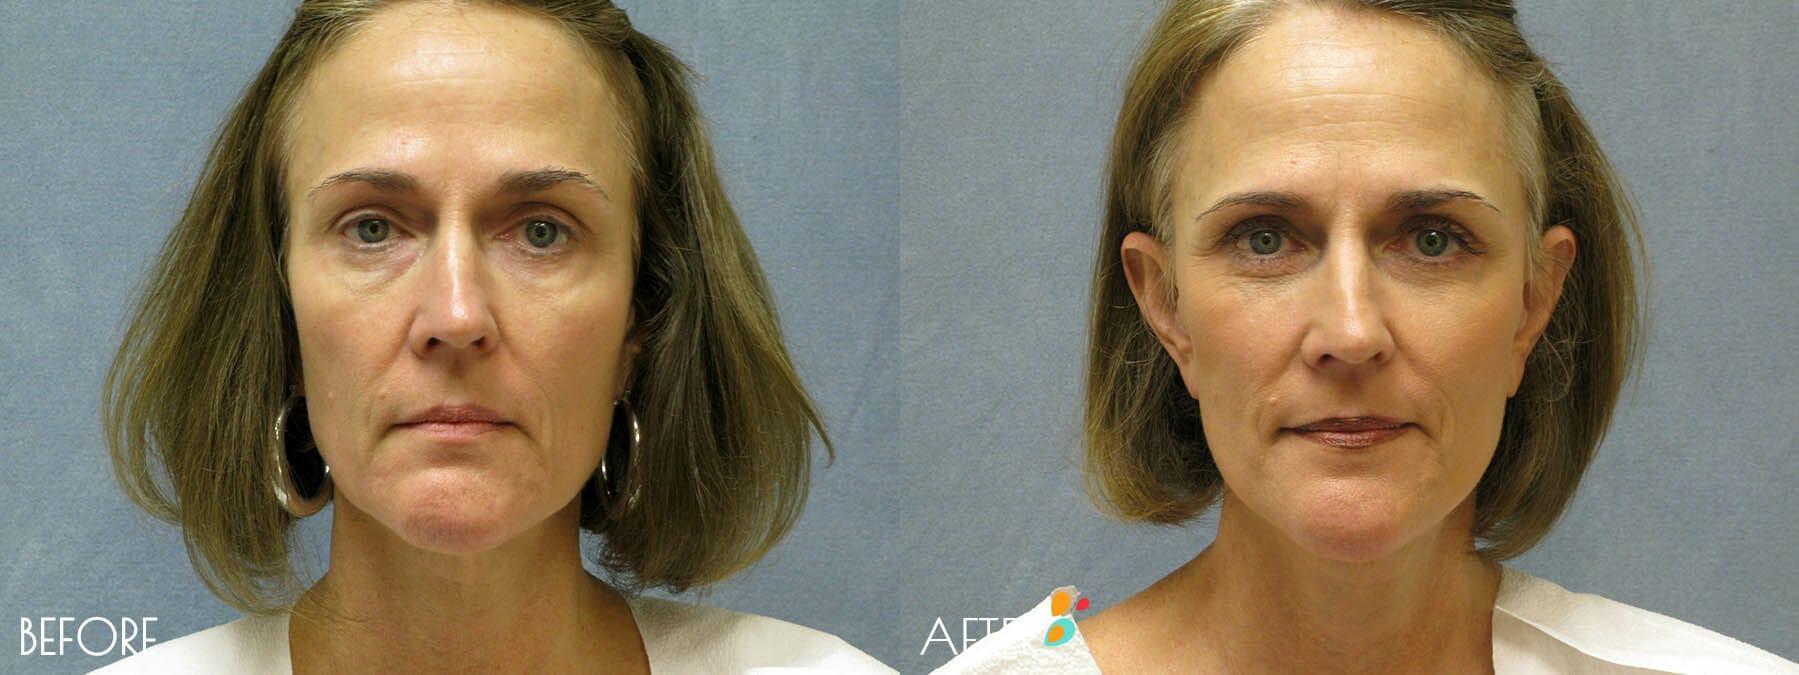 Face Lift Patient 05, Front